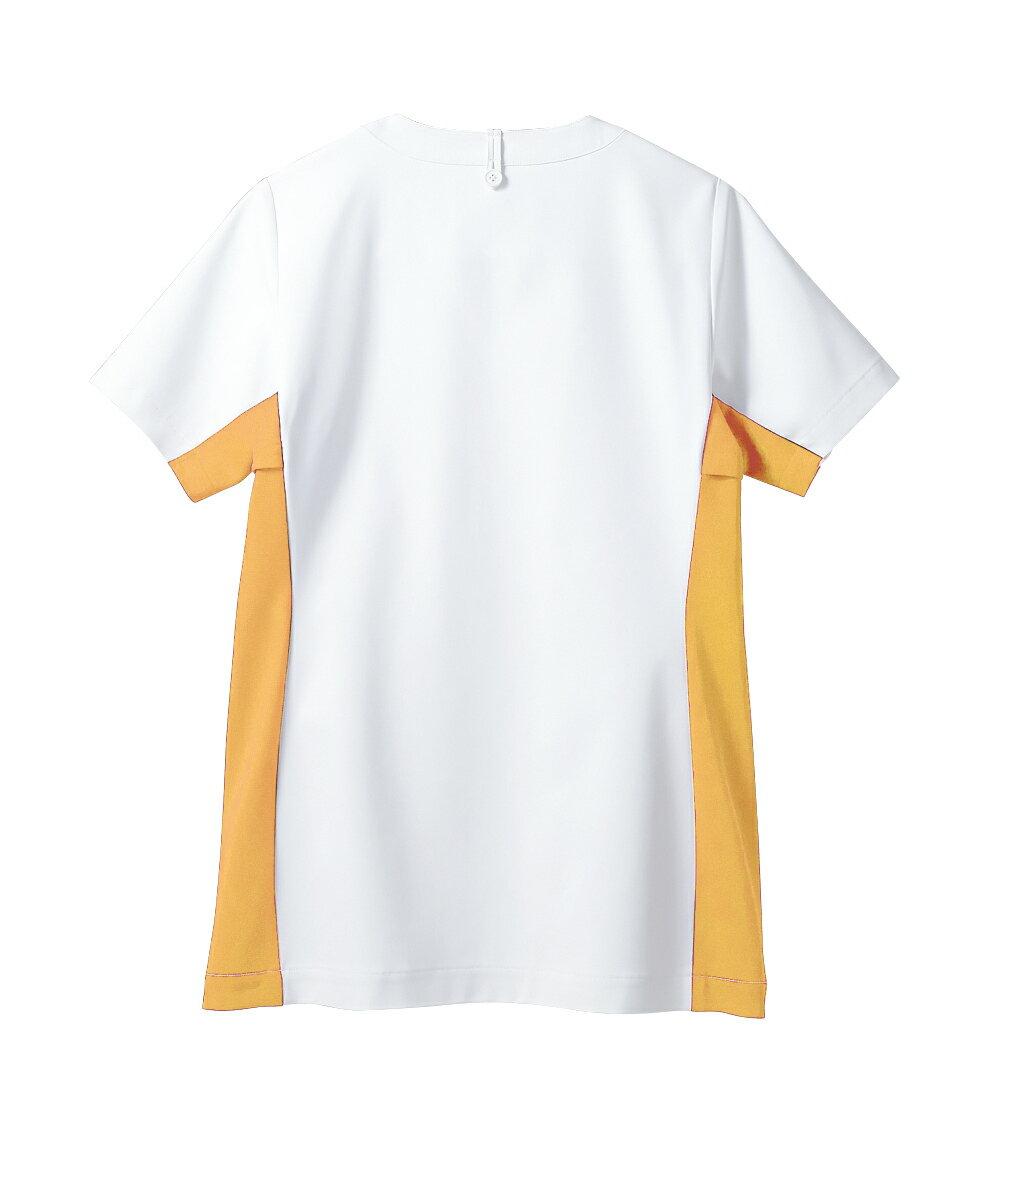 【モンブラン】72-392・394・395・398【介護 上衣 ジャケット スクラブ レディース 女性用】